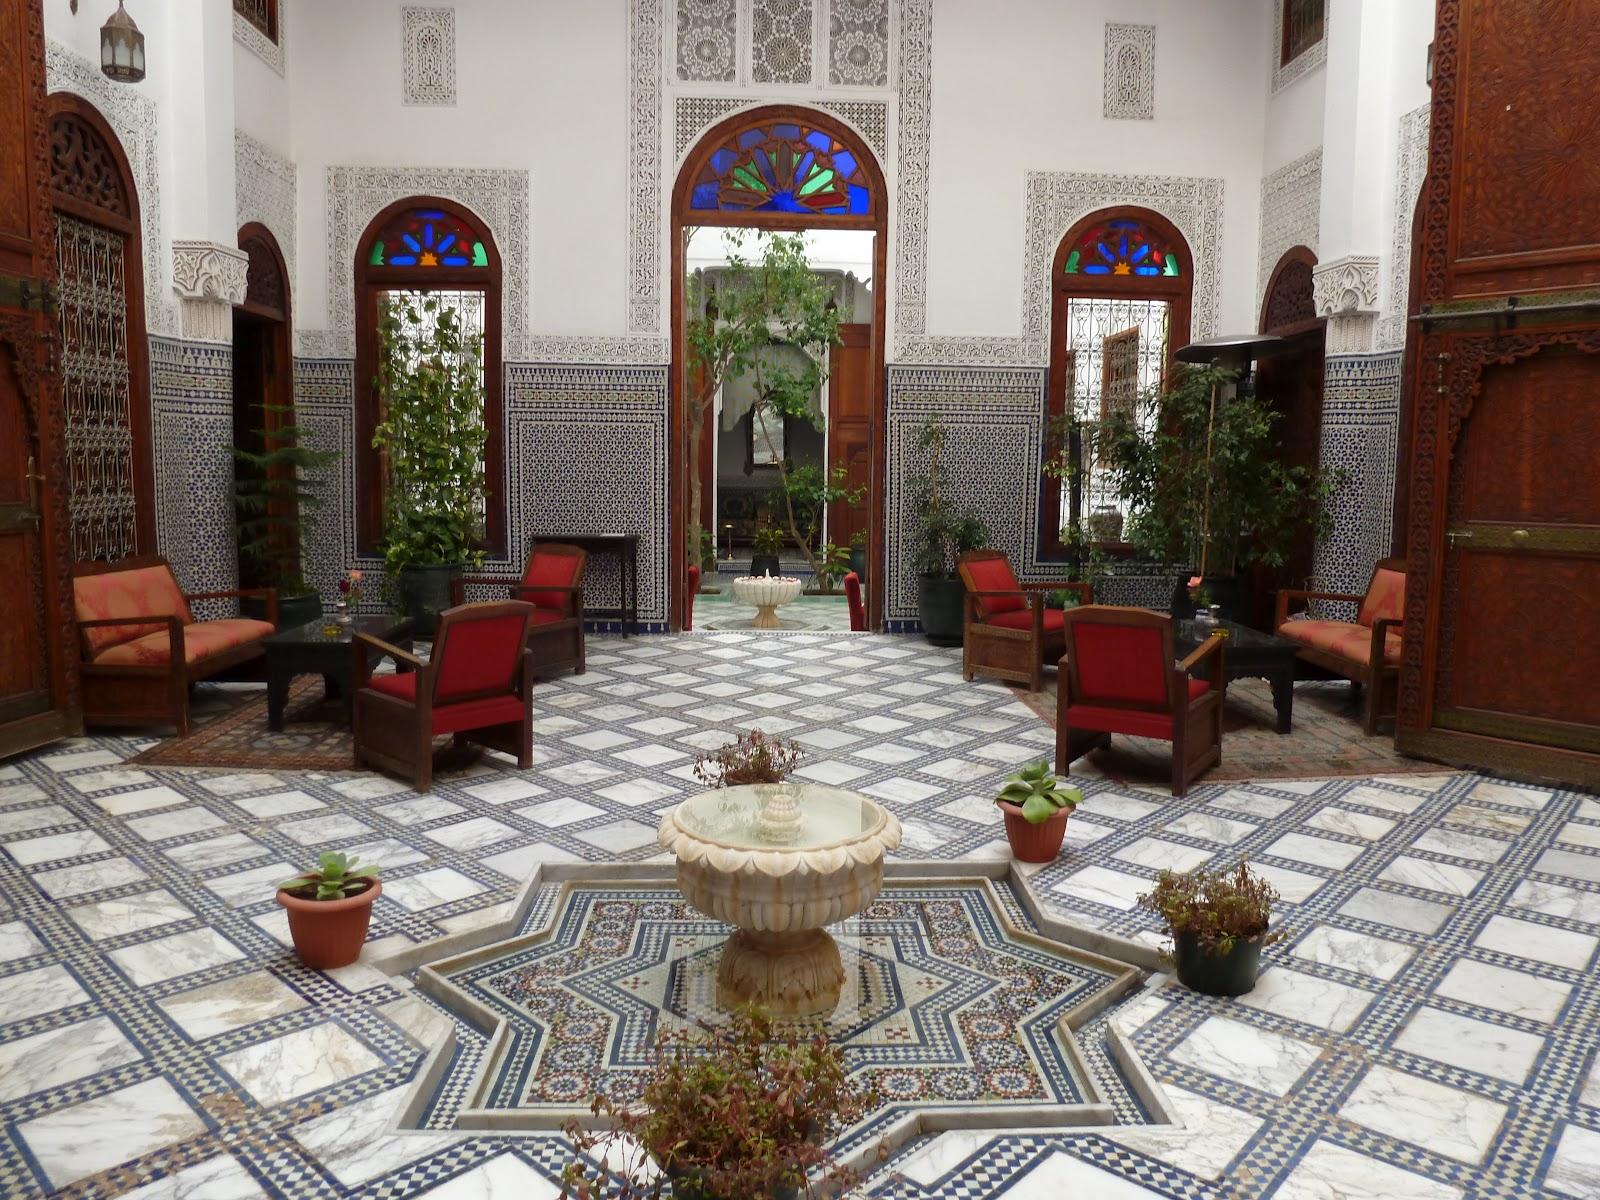 Claroscuros imagenysonido contrastes marroqu es - Casas marroquies ...